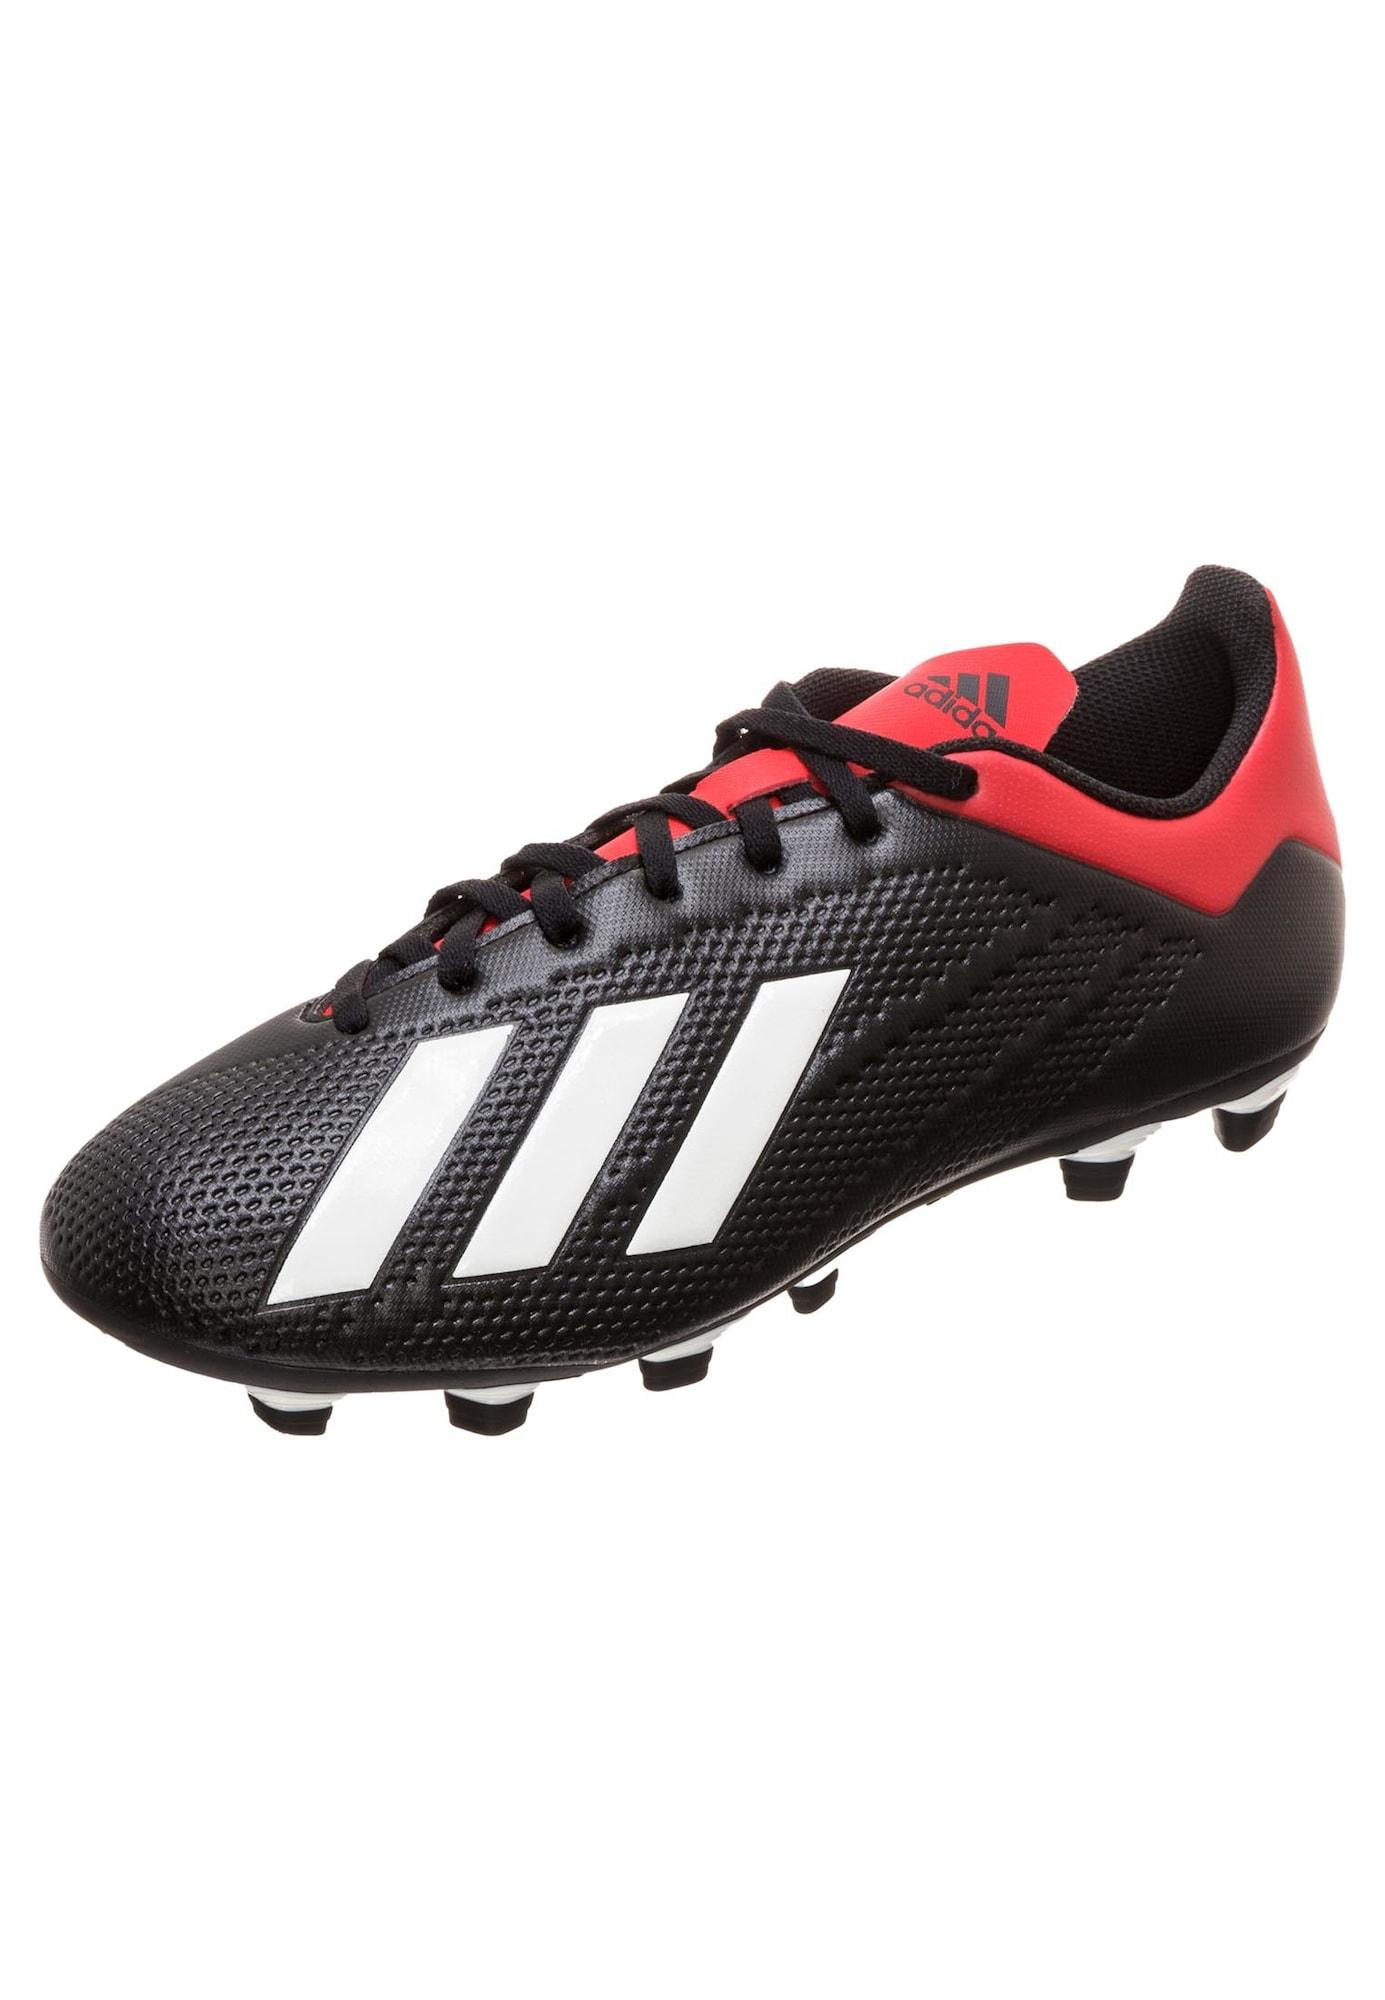 Fußballschuh 'X 18.4 FG' | Schuhe > Sportschuhe > Fußballschuhe | Rot - Schwarz - Weiß | ADIDAS PERFORMANCE